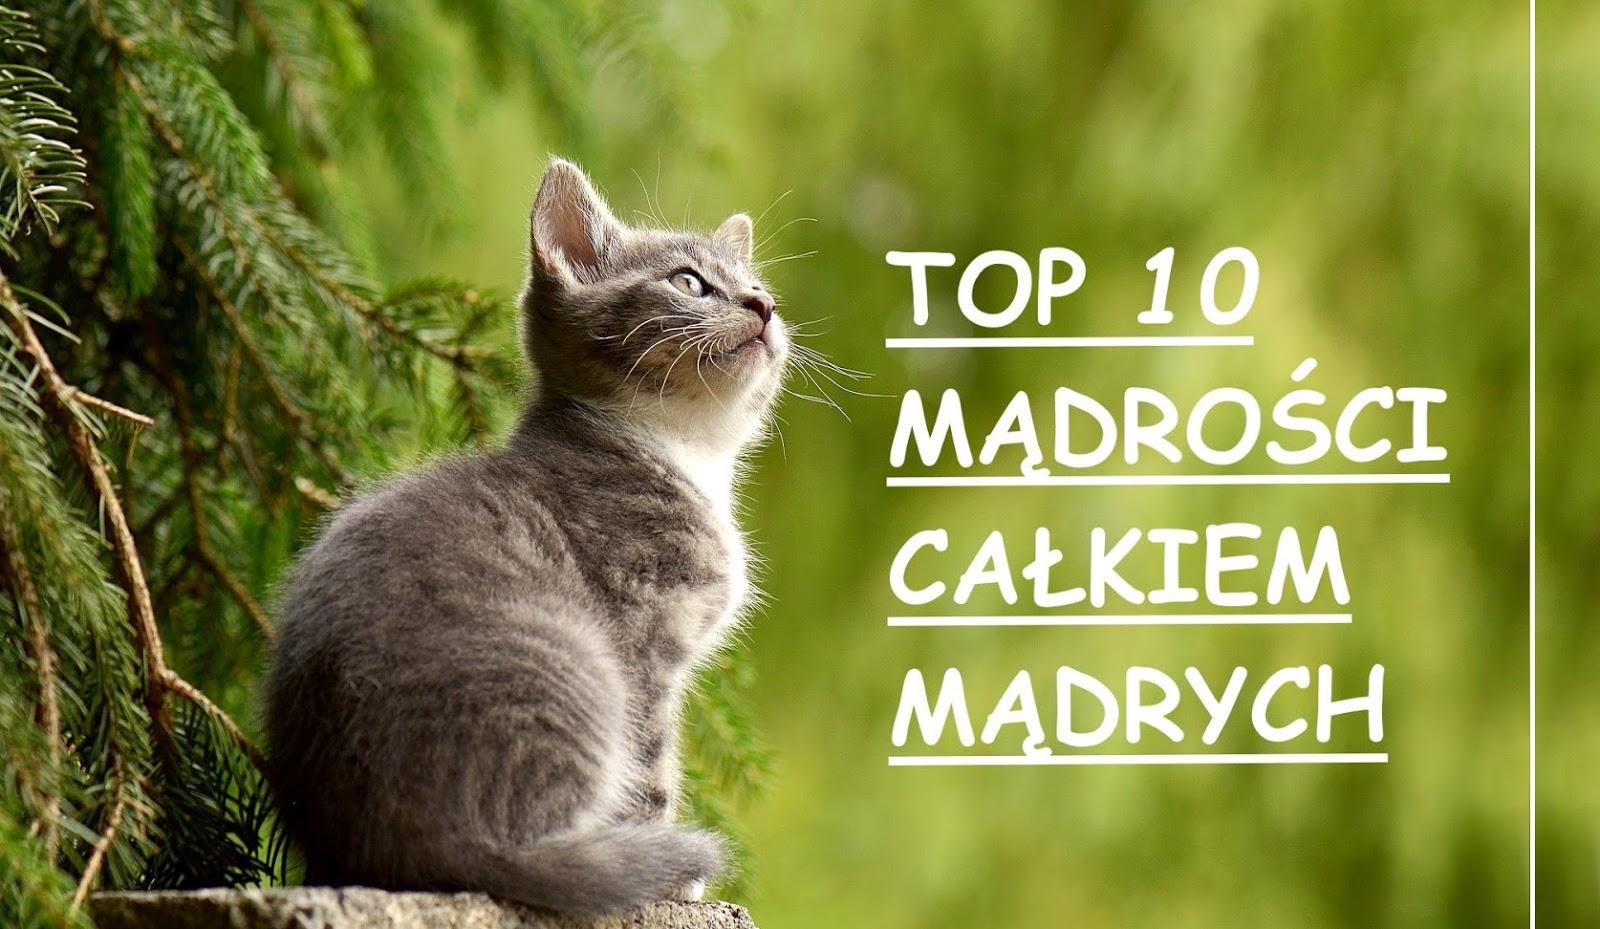 Top 10 mądrości całkiem mądrych - powiedzenia